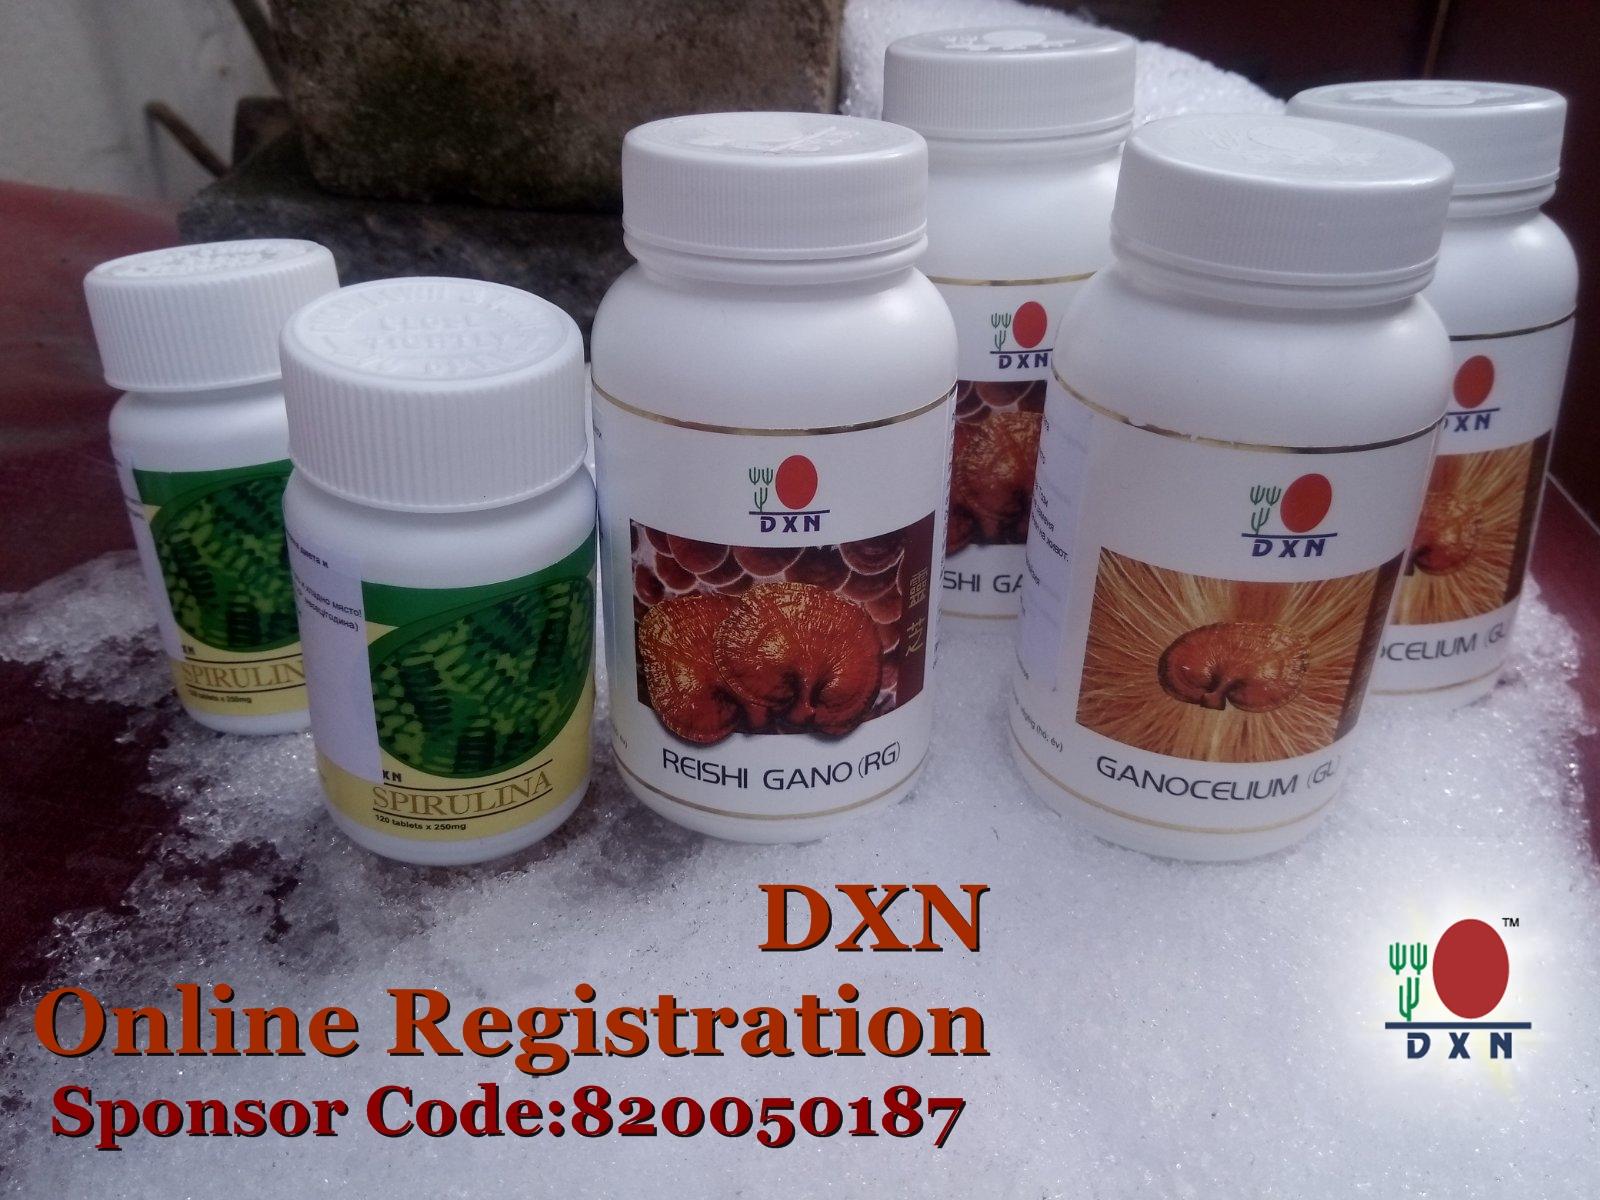 DXN - Registration